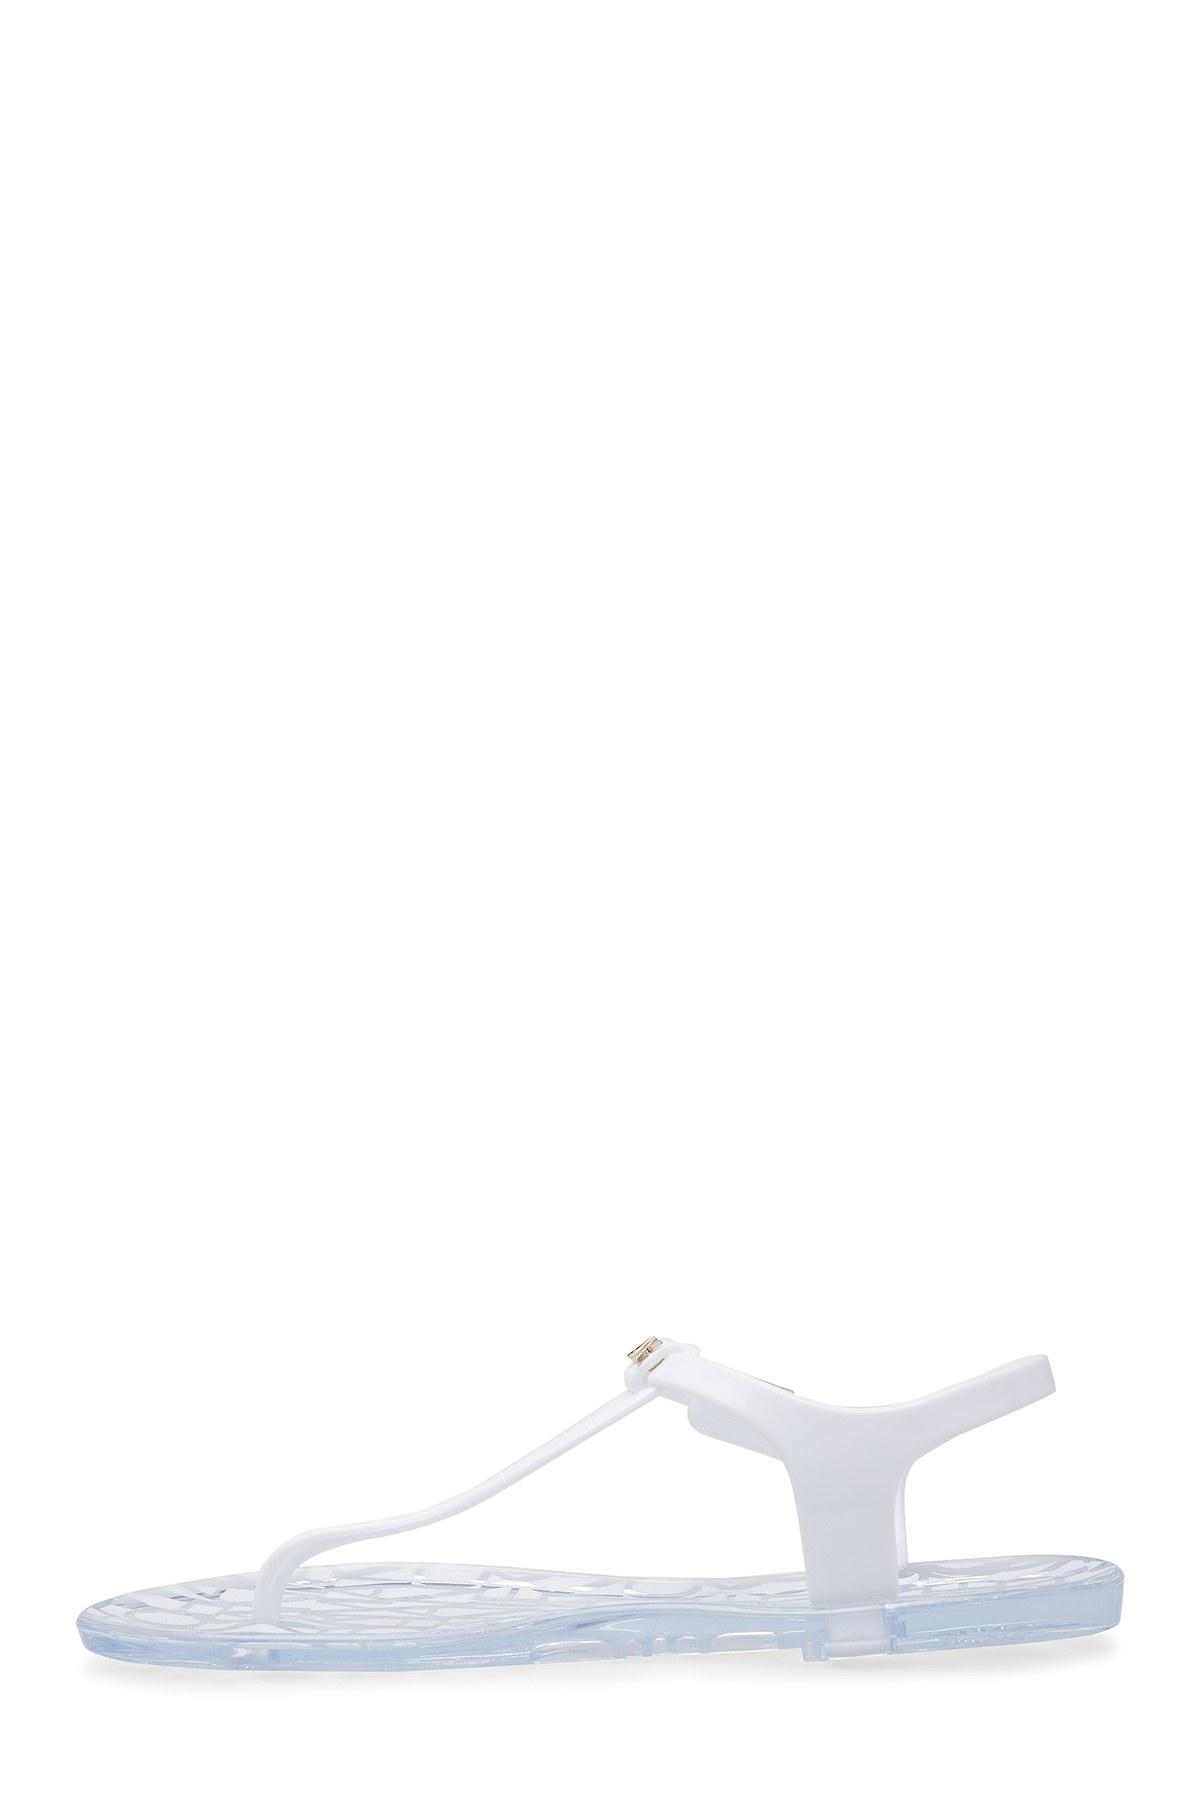 Armani Exchange Sandalet Kadın Terlik XDQ005 XV306 00152 KIRIK BEYAZ